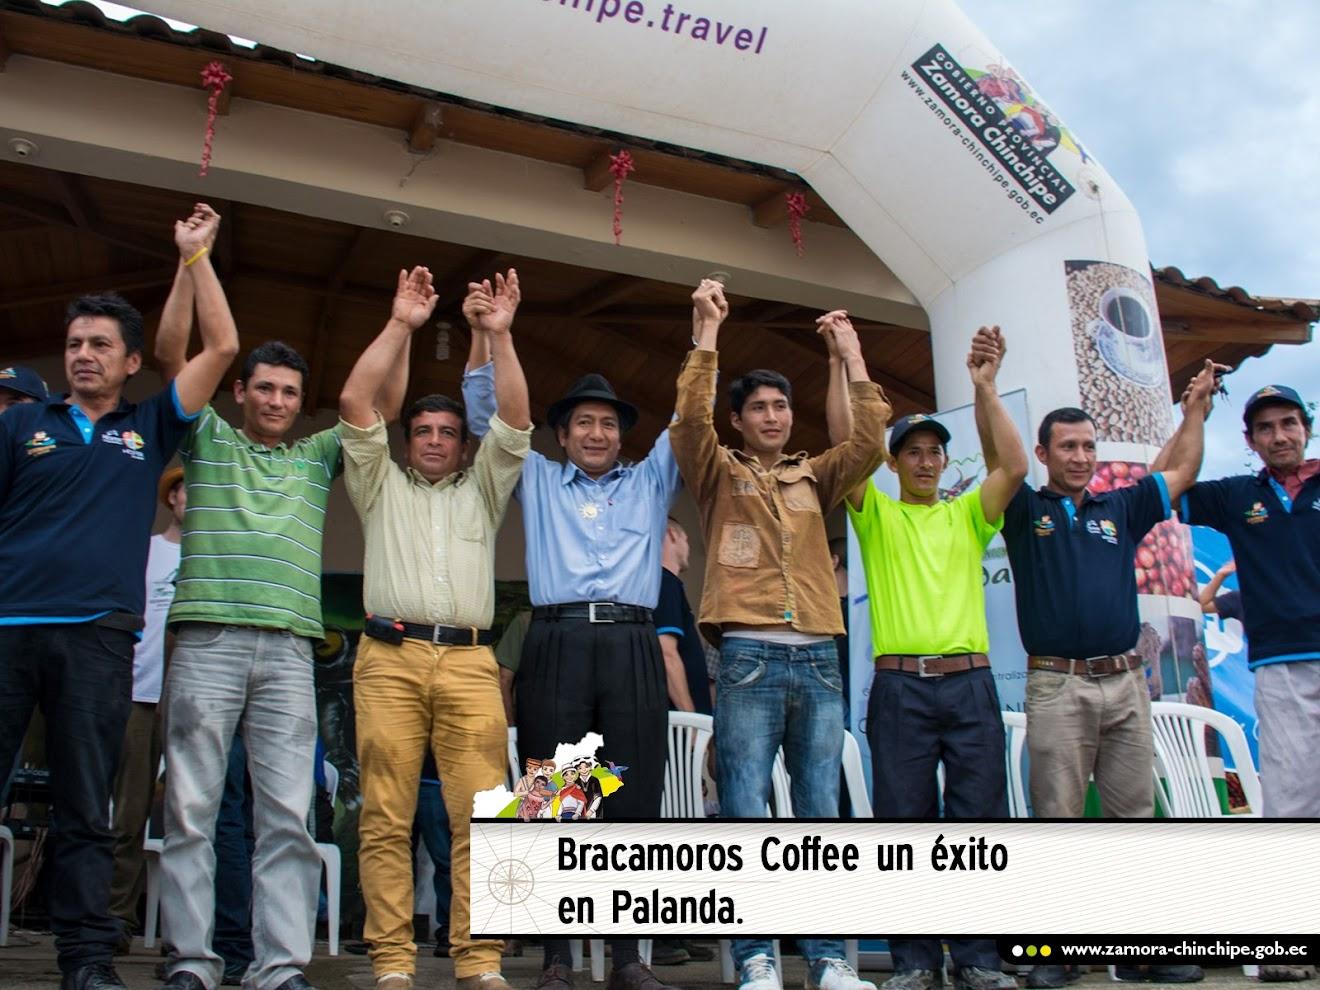 BRACAMOROS COFFEE UN ÉXITO EN PALANDA